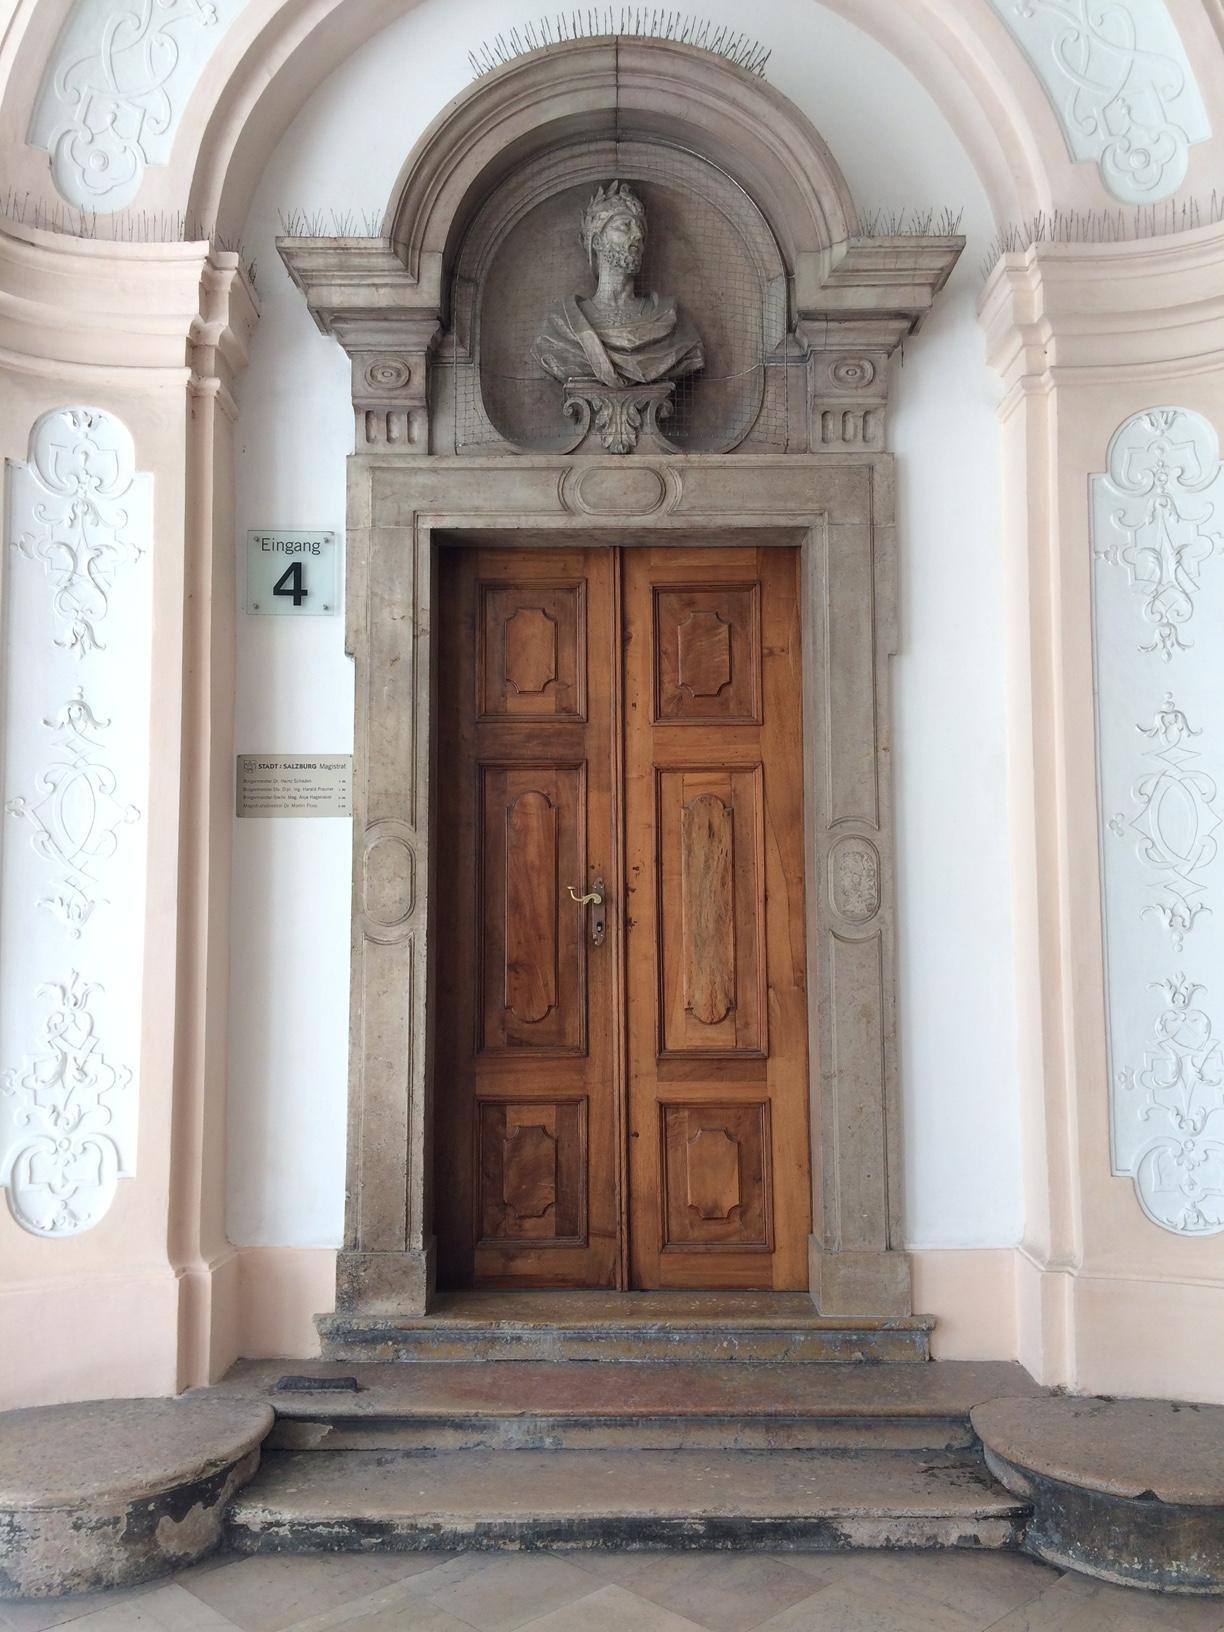 Cool Monumentale Eingangstr In Wien Haustr Eingangstr Holztr Travel  Architektur With Deko Vor Der Haustr Modern.